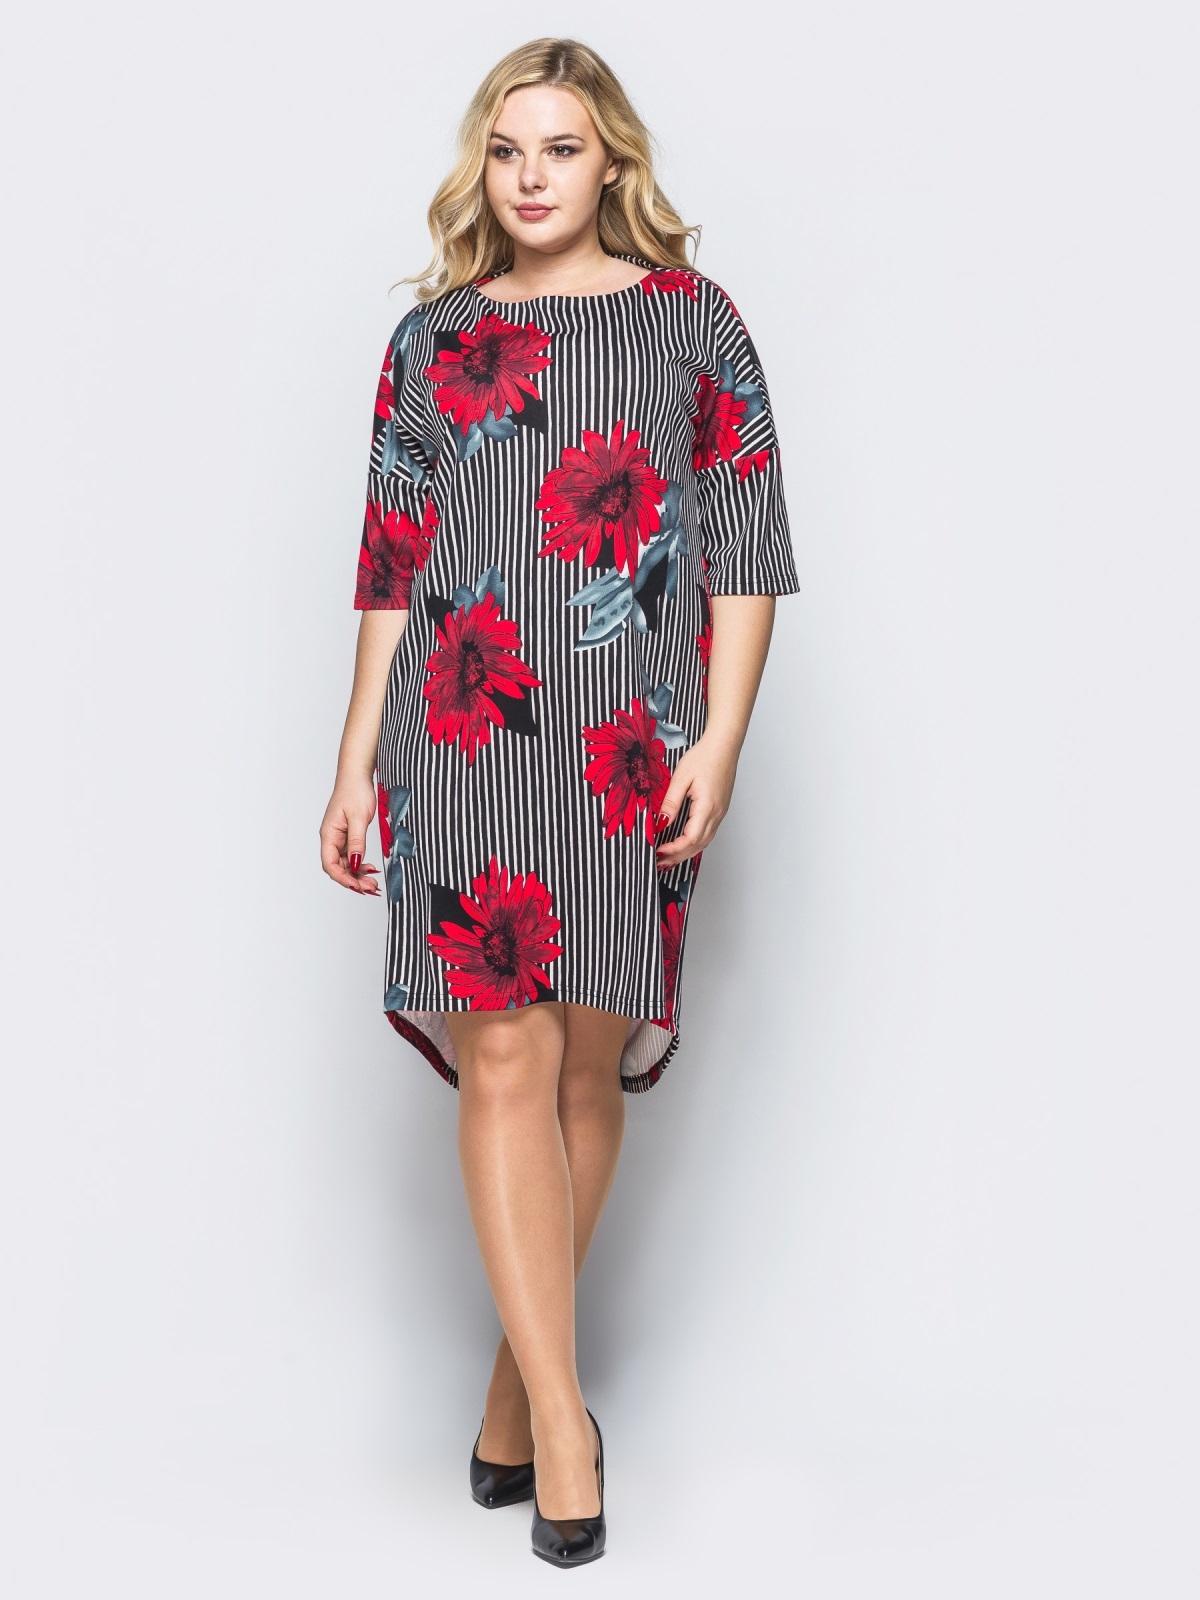 Платье свободного кроя в полоску с красными цветами 16667, фото 1